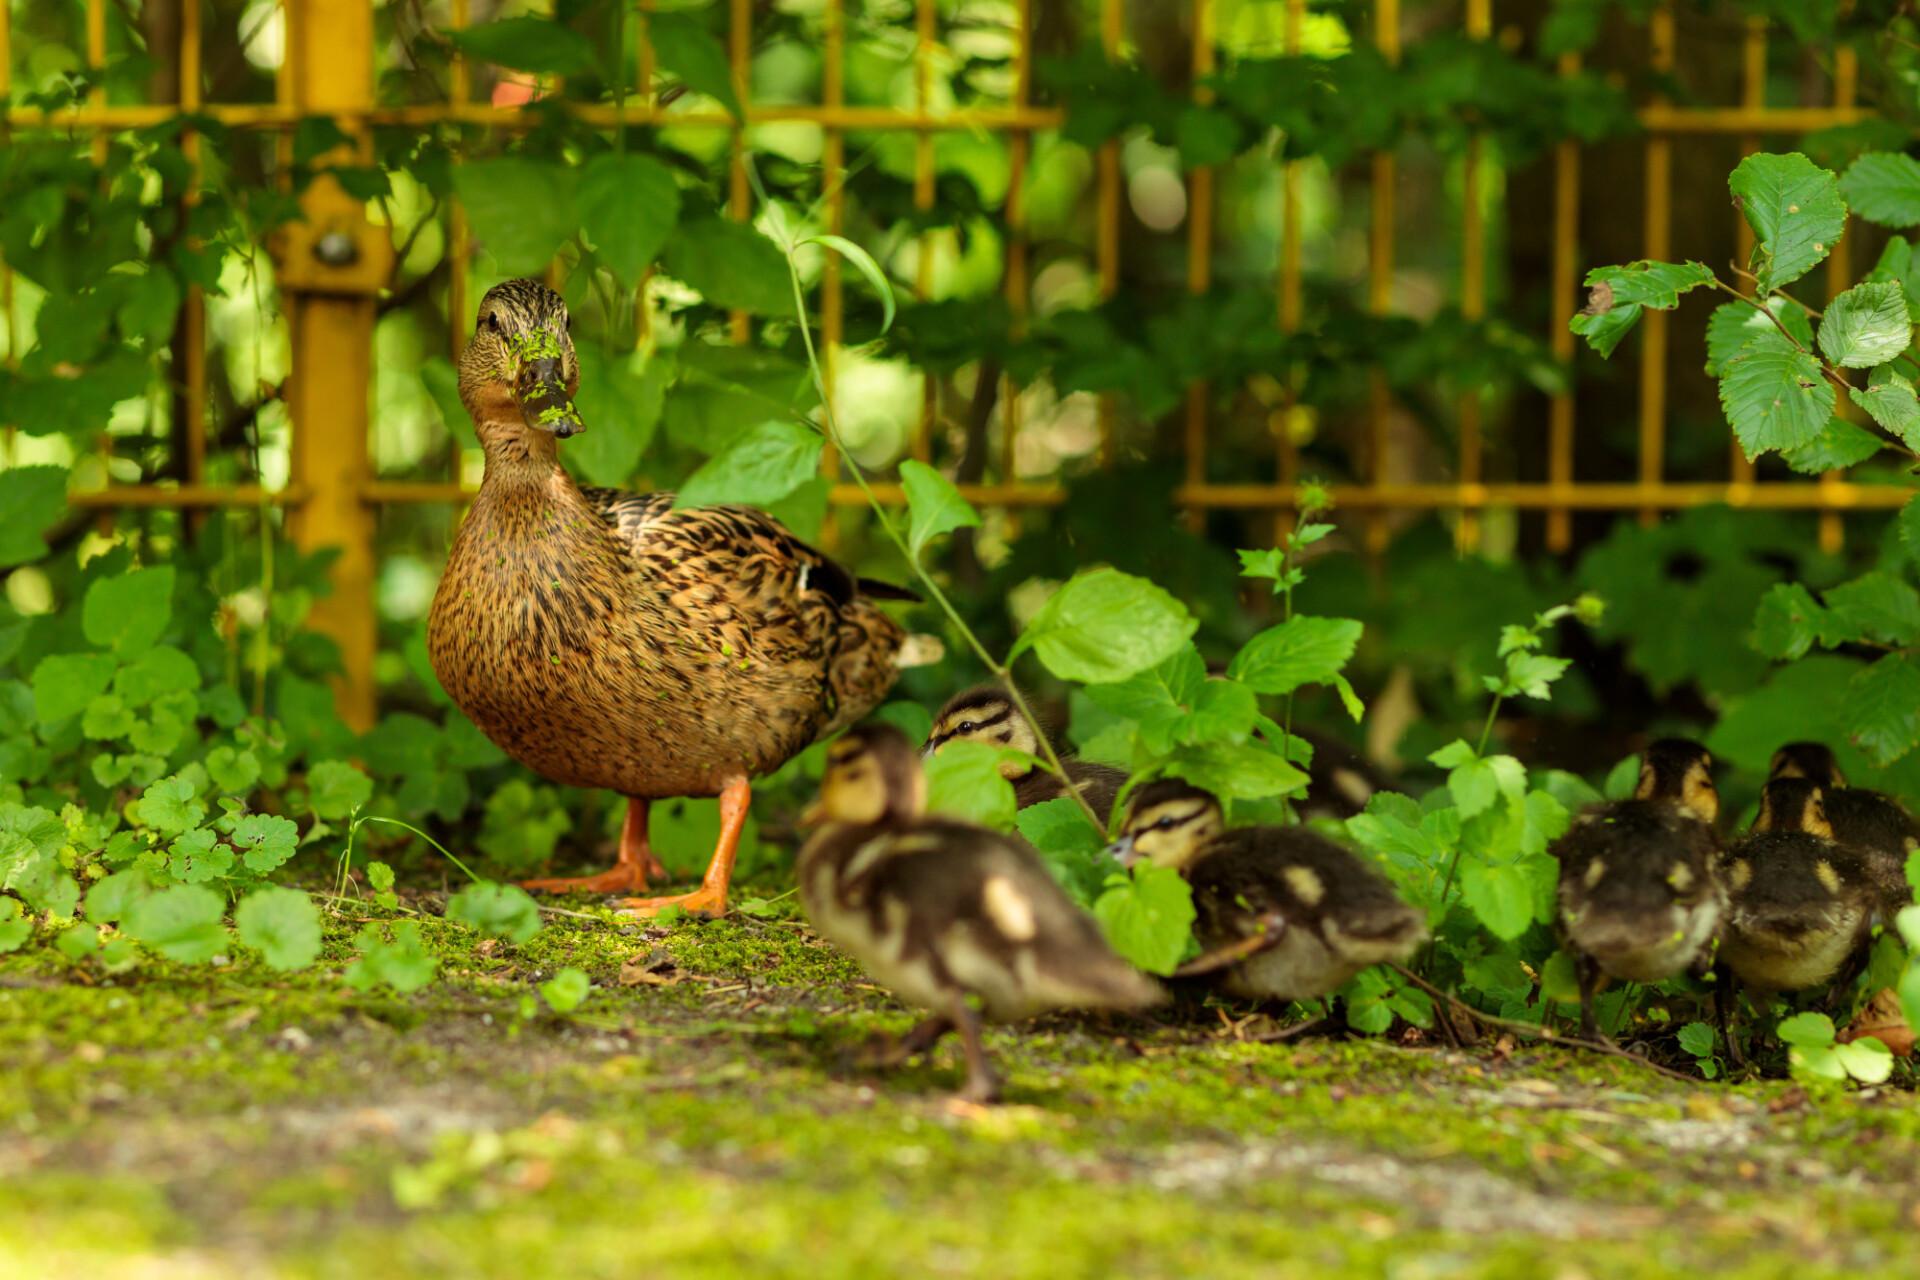 Mother duck calls her ducklings to her